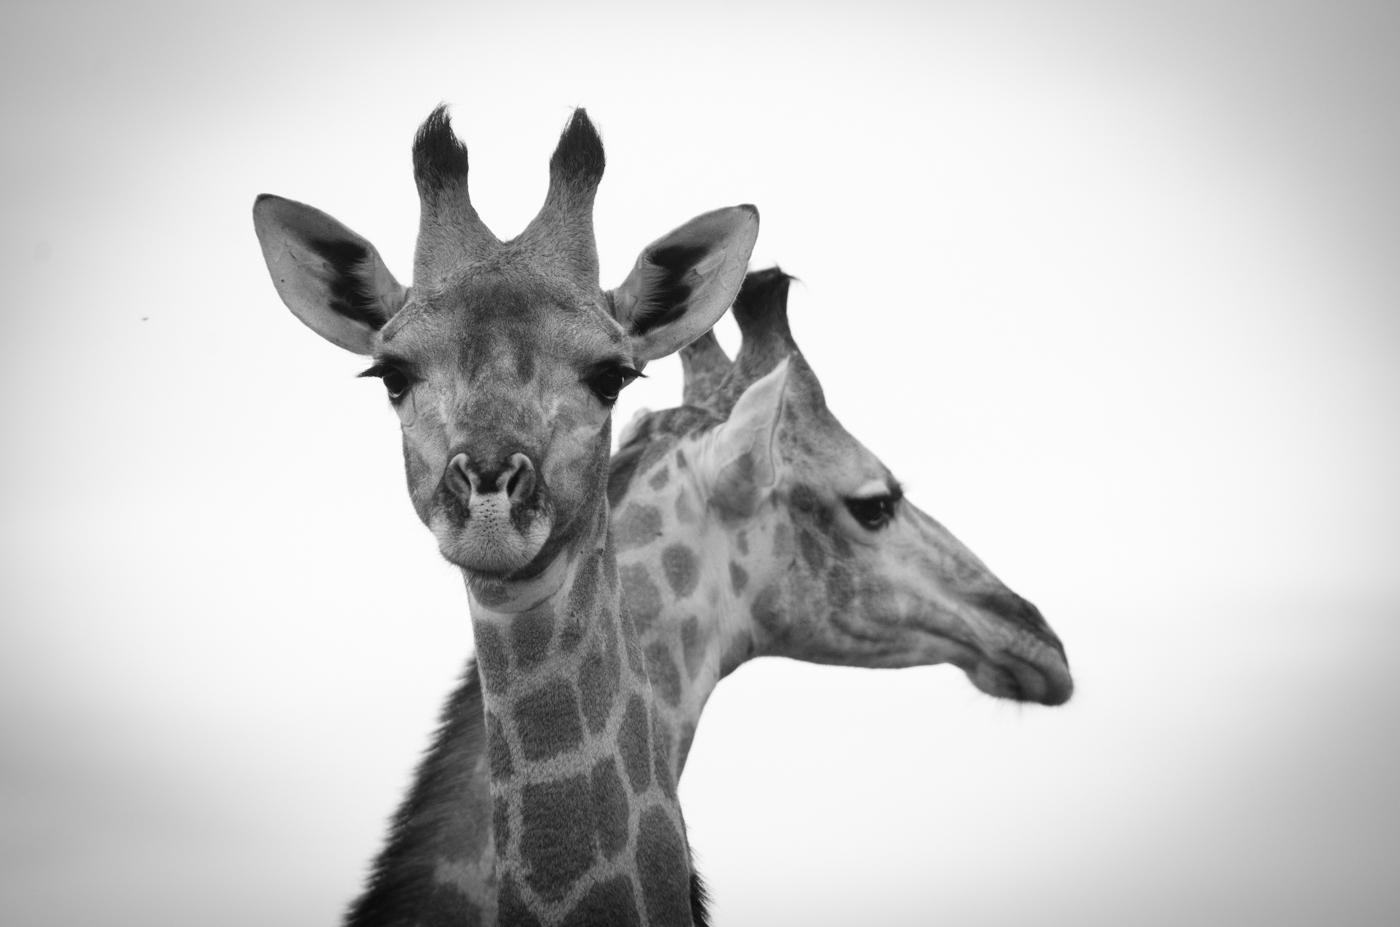 giraffe-kp